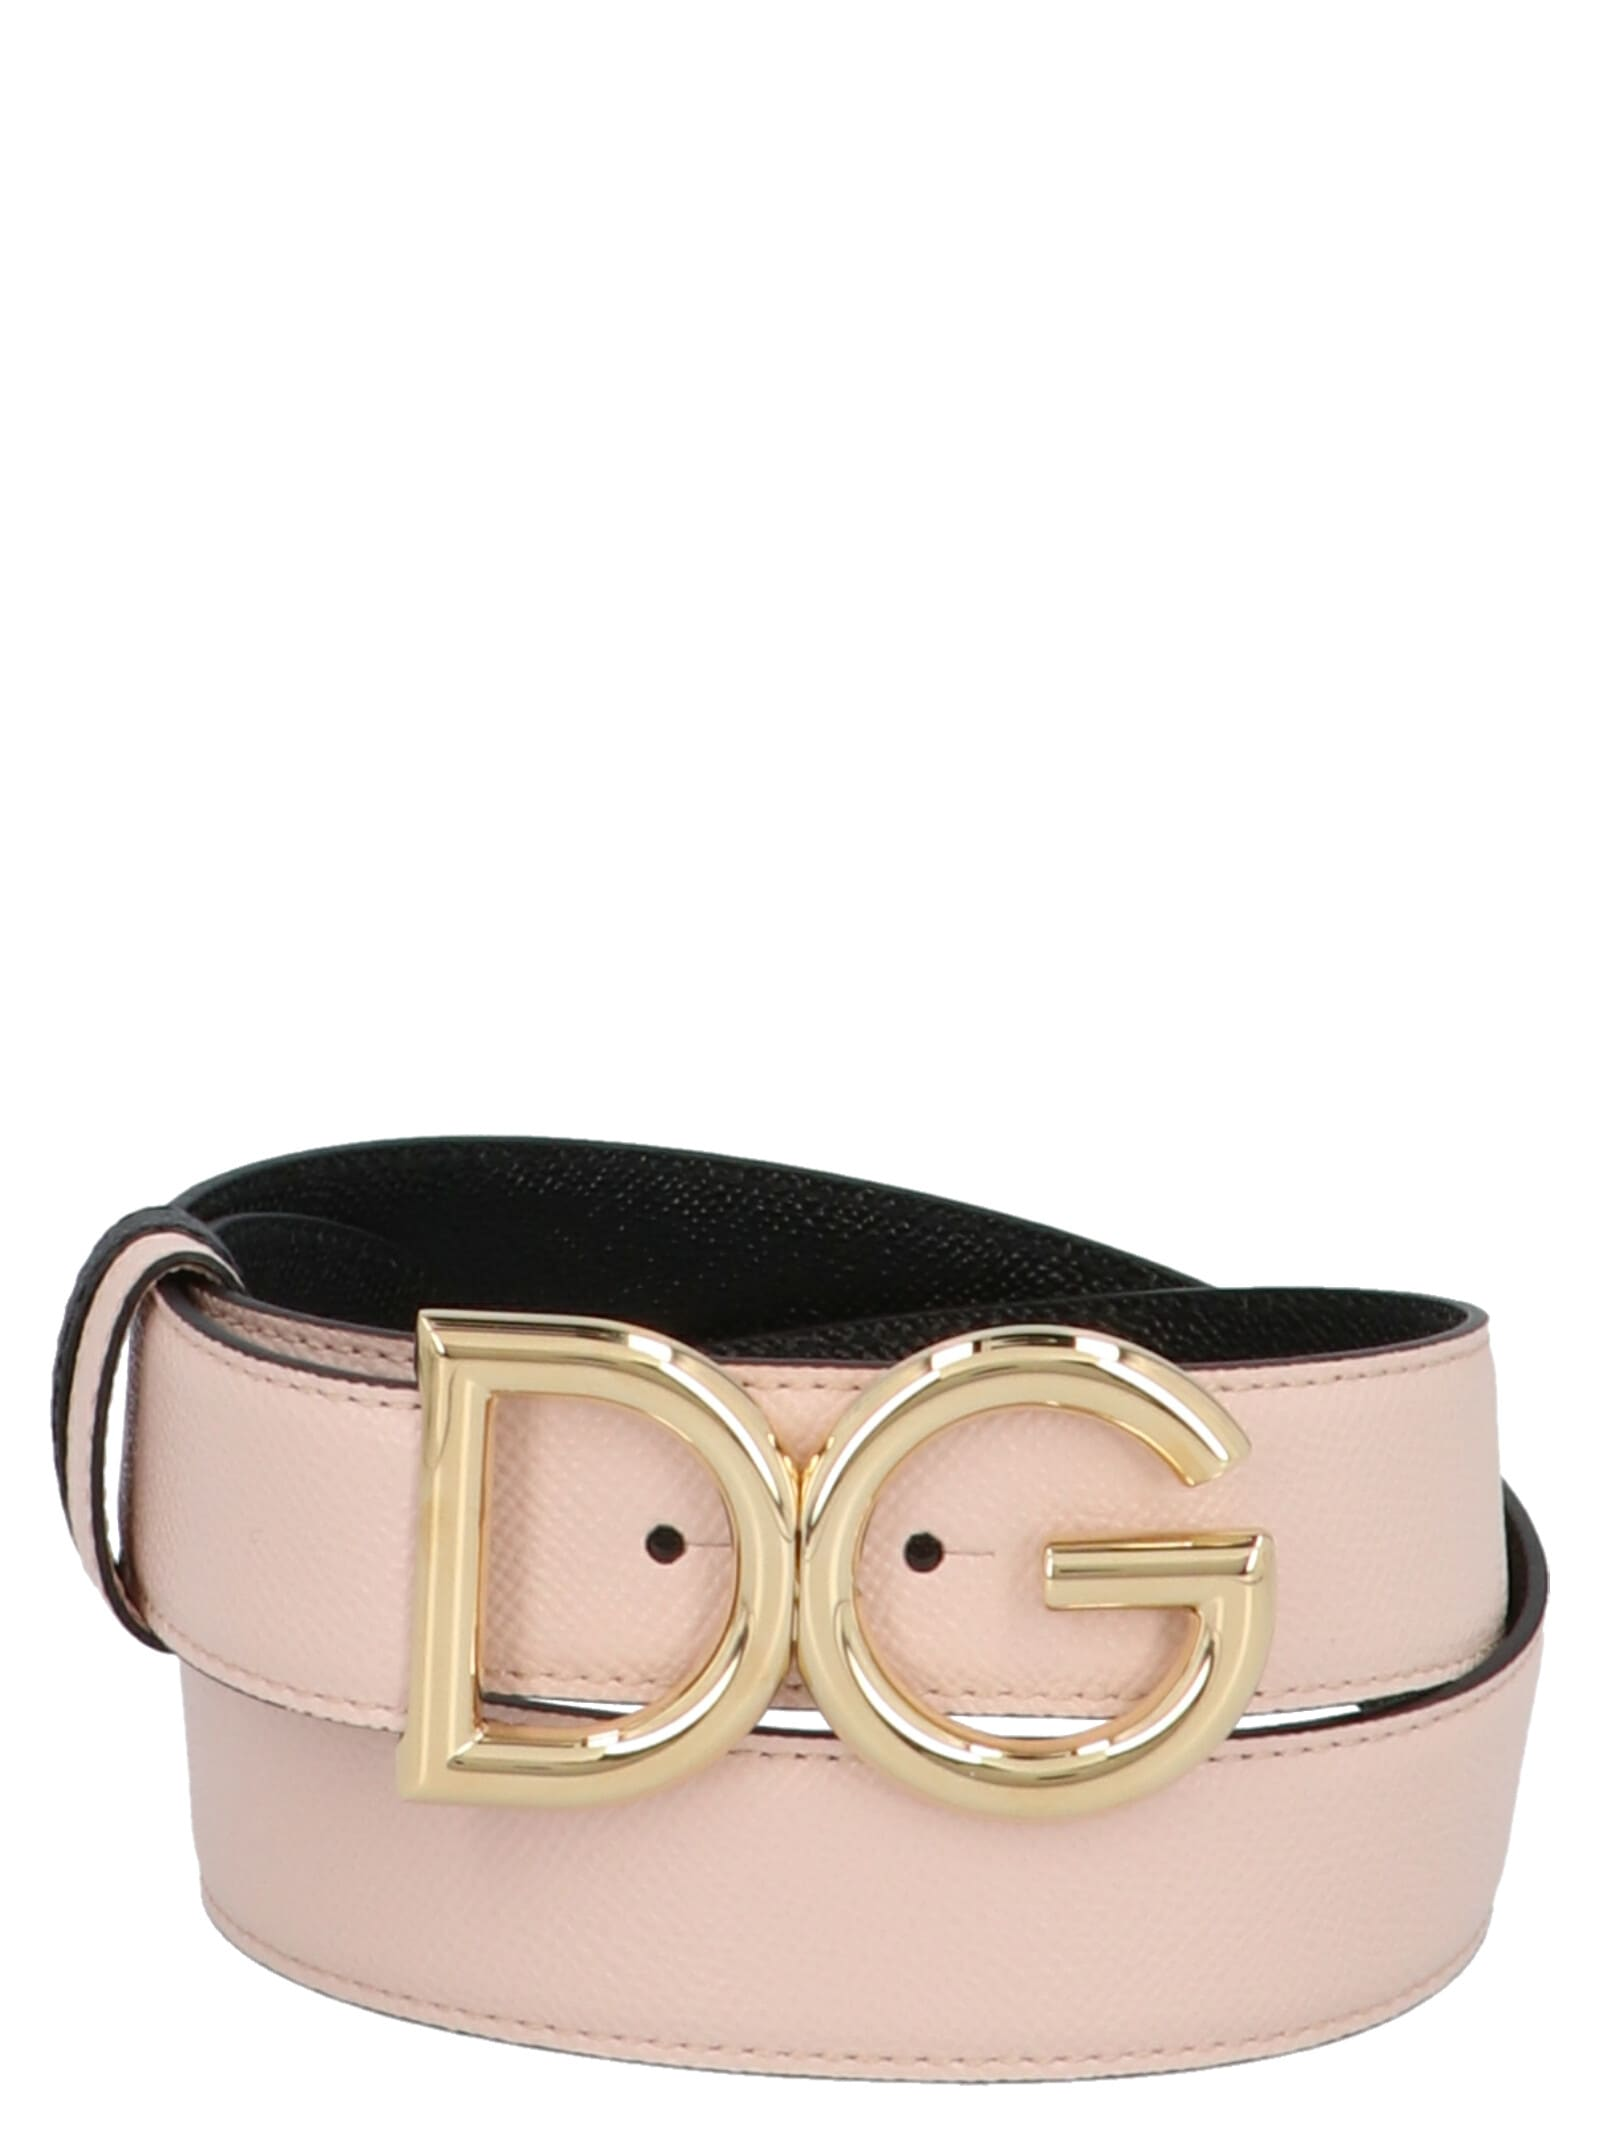 dg Belt